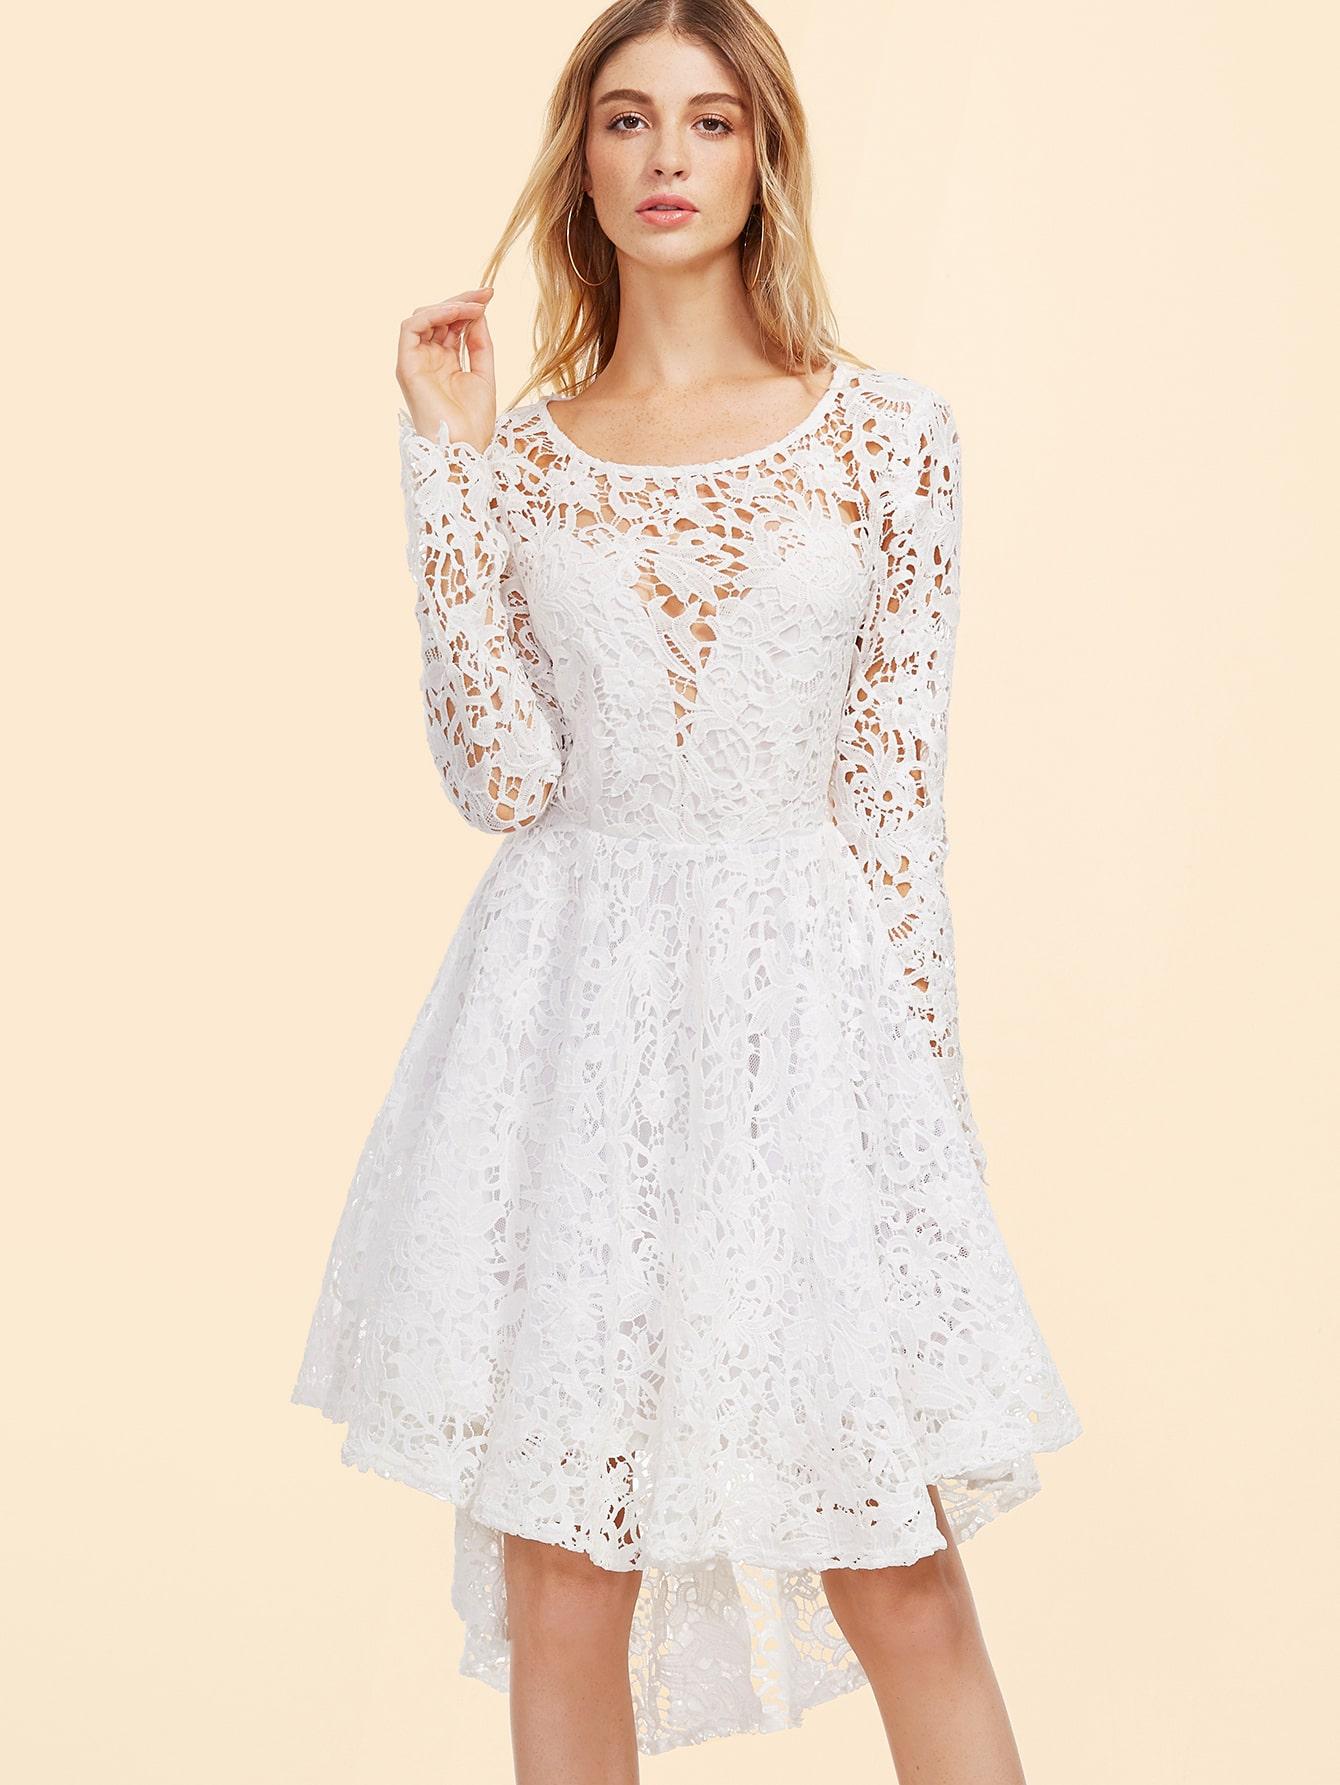 dress161027718_3